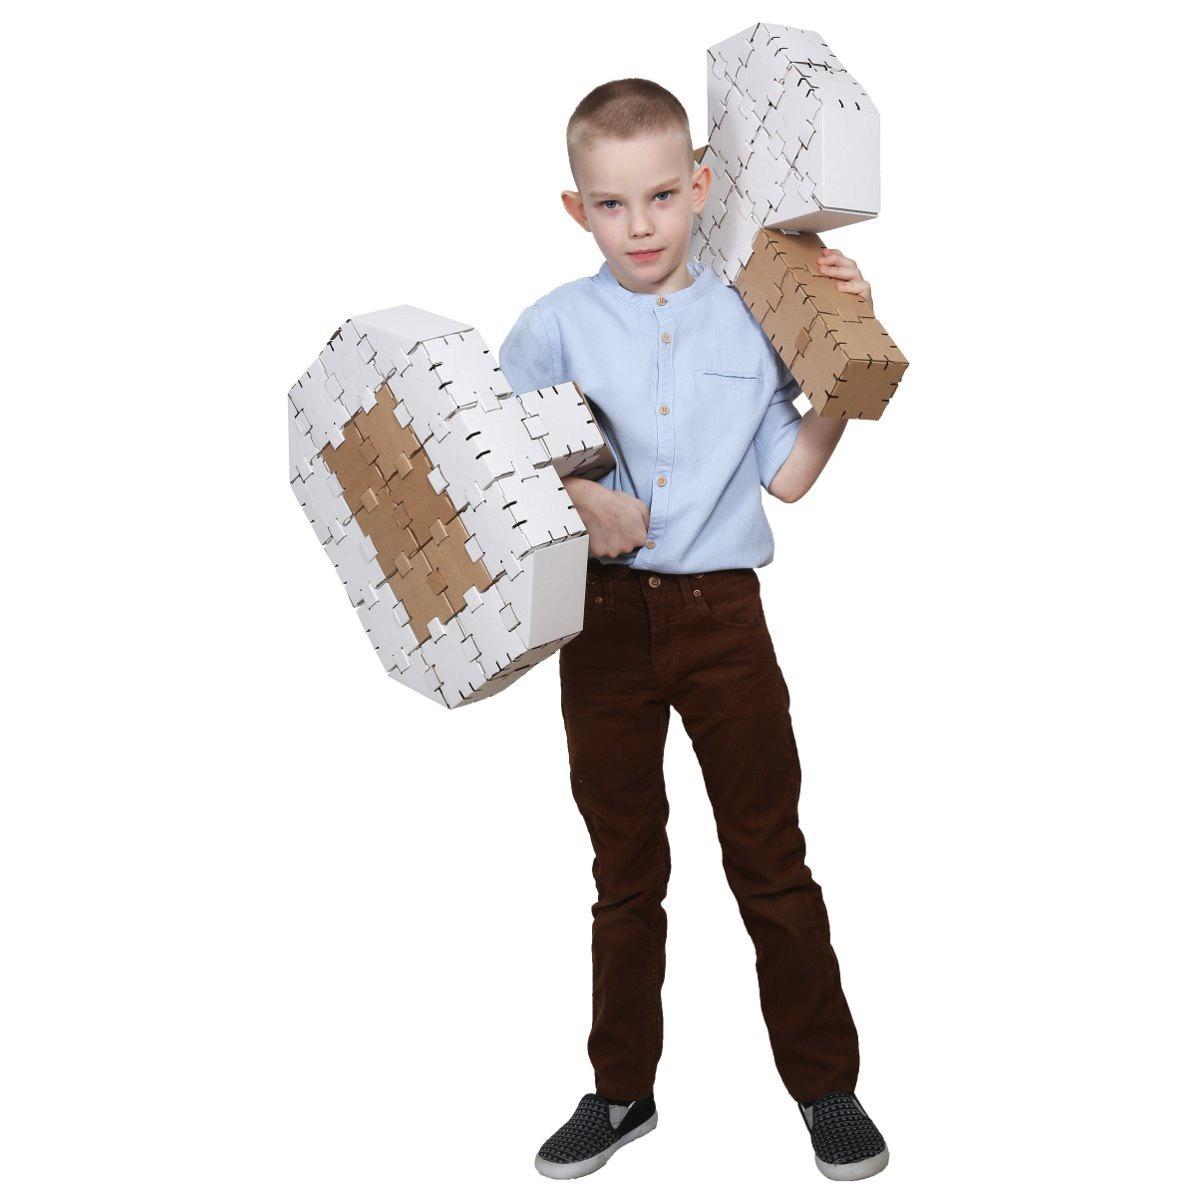 Конструктор картонный Yohocraft Набор Защитника yohocube картонный конструктор ангелочки yohocube